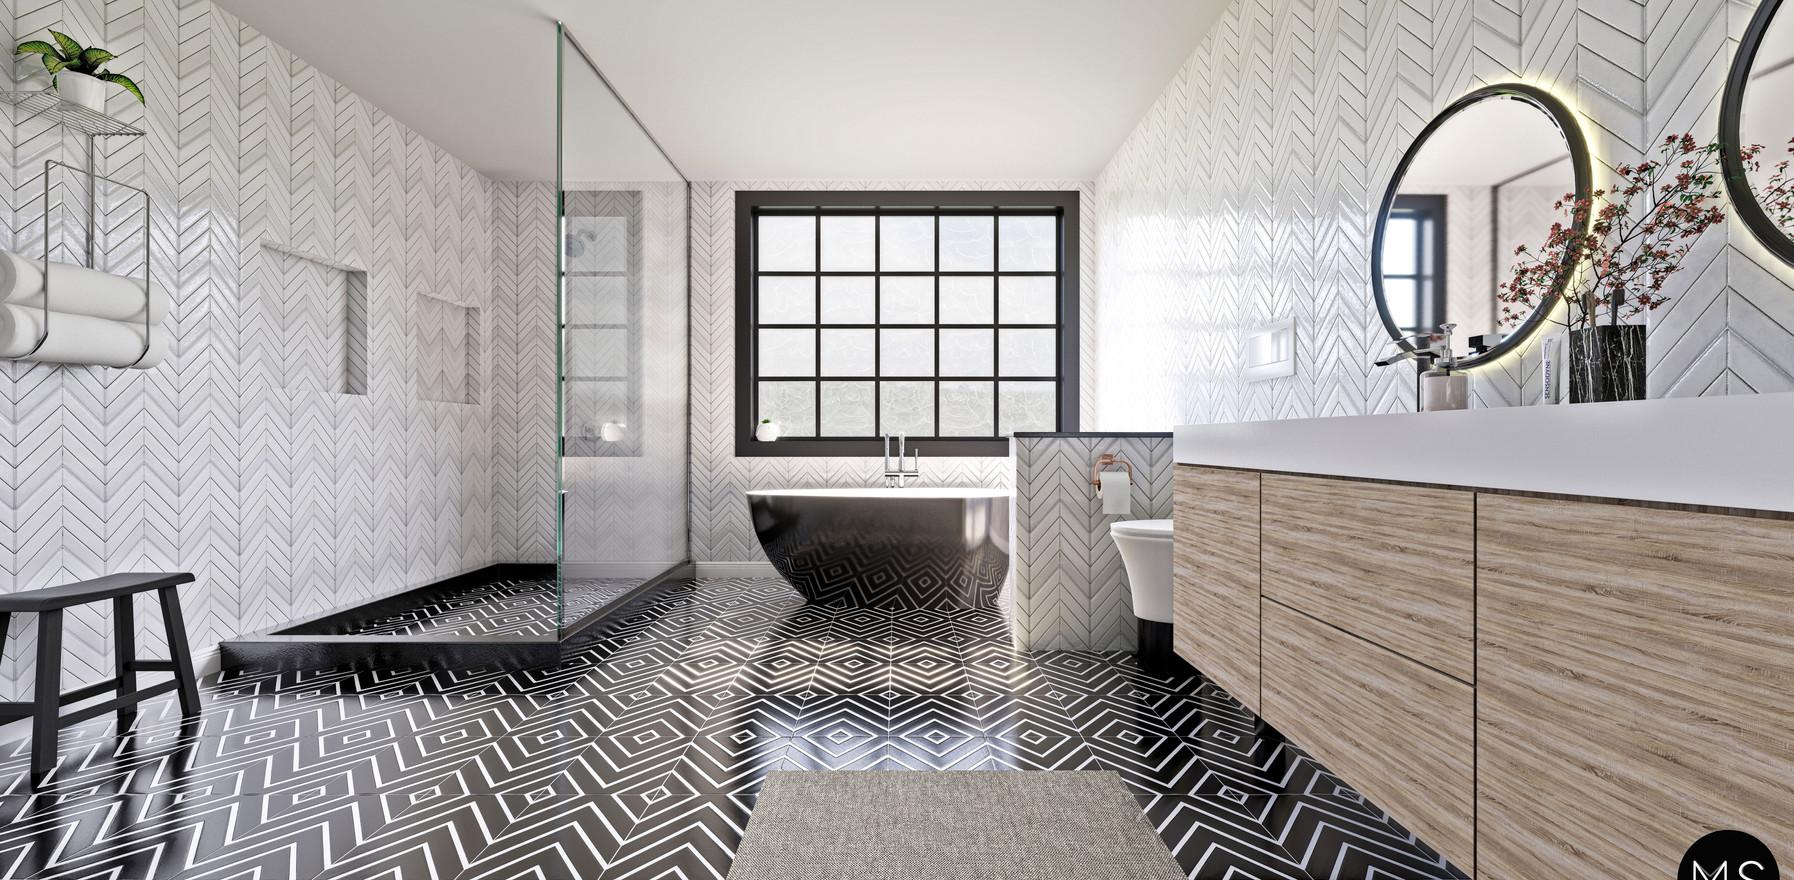 Scandinavian bathroom design